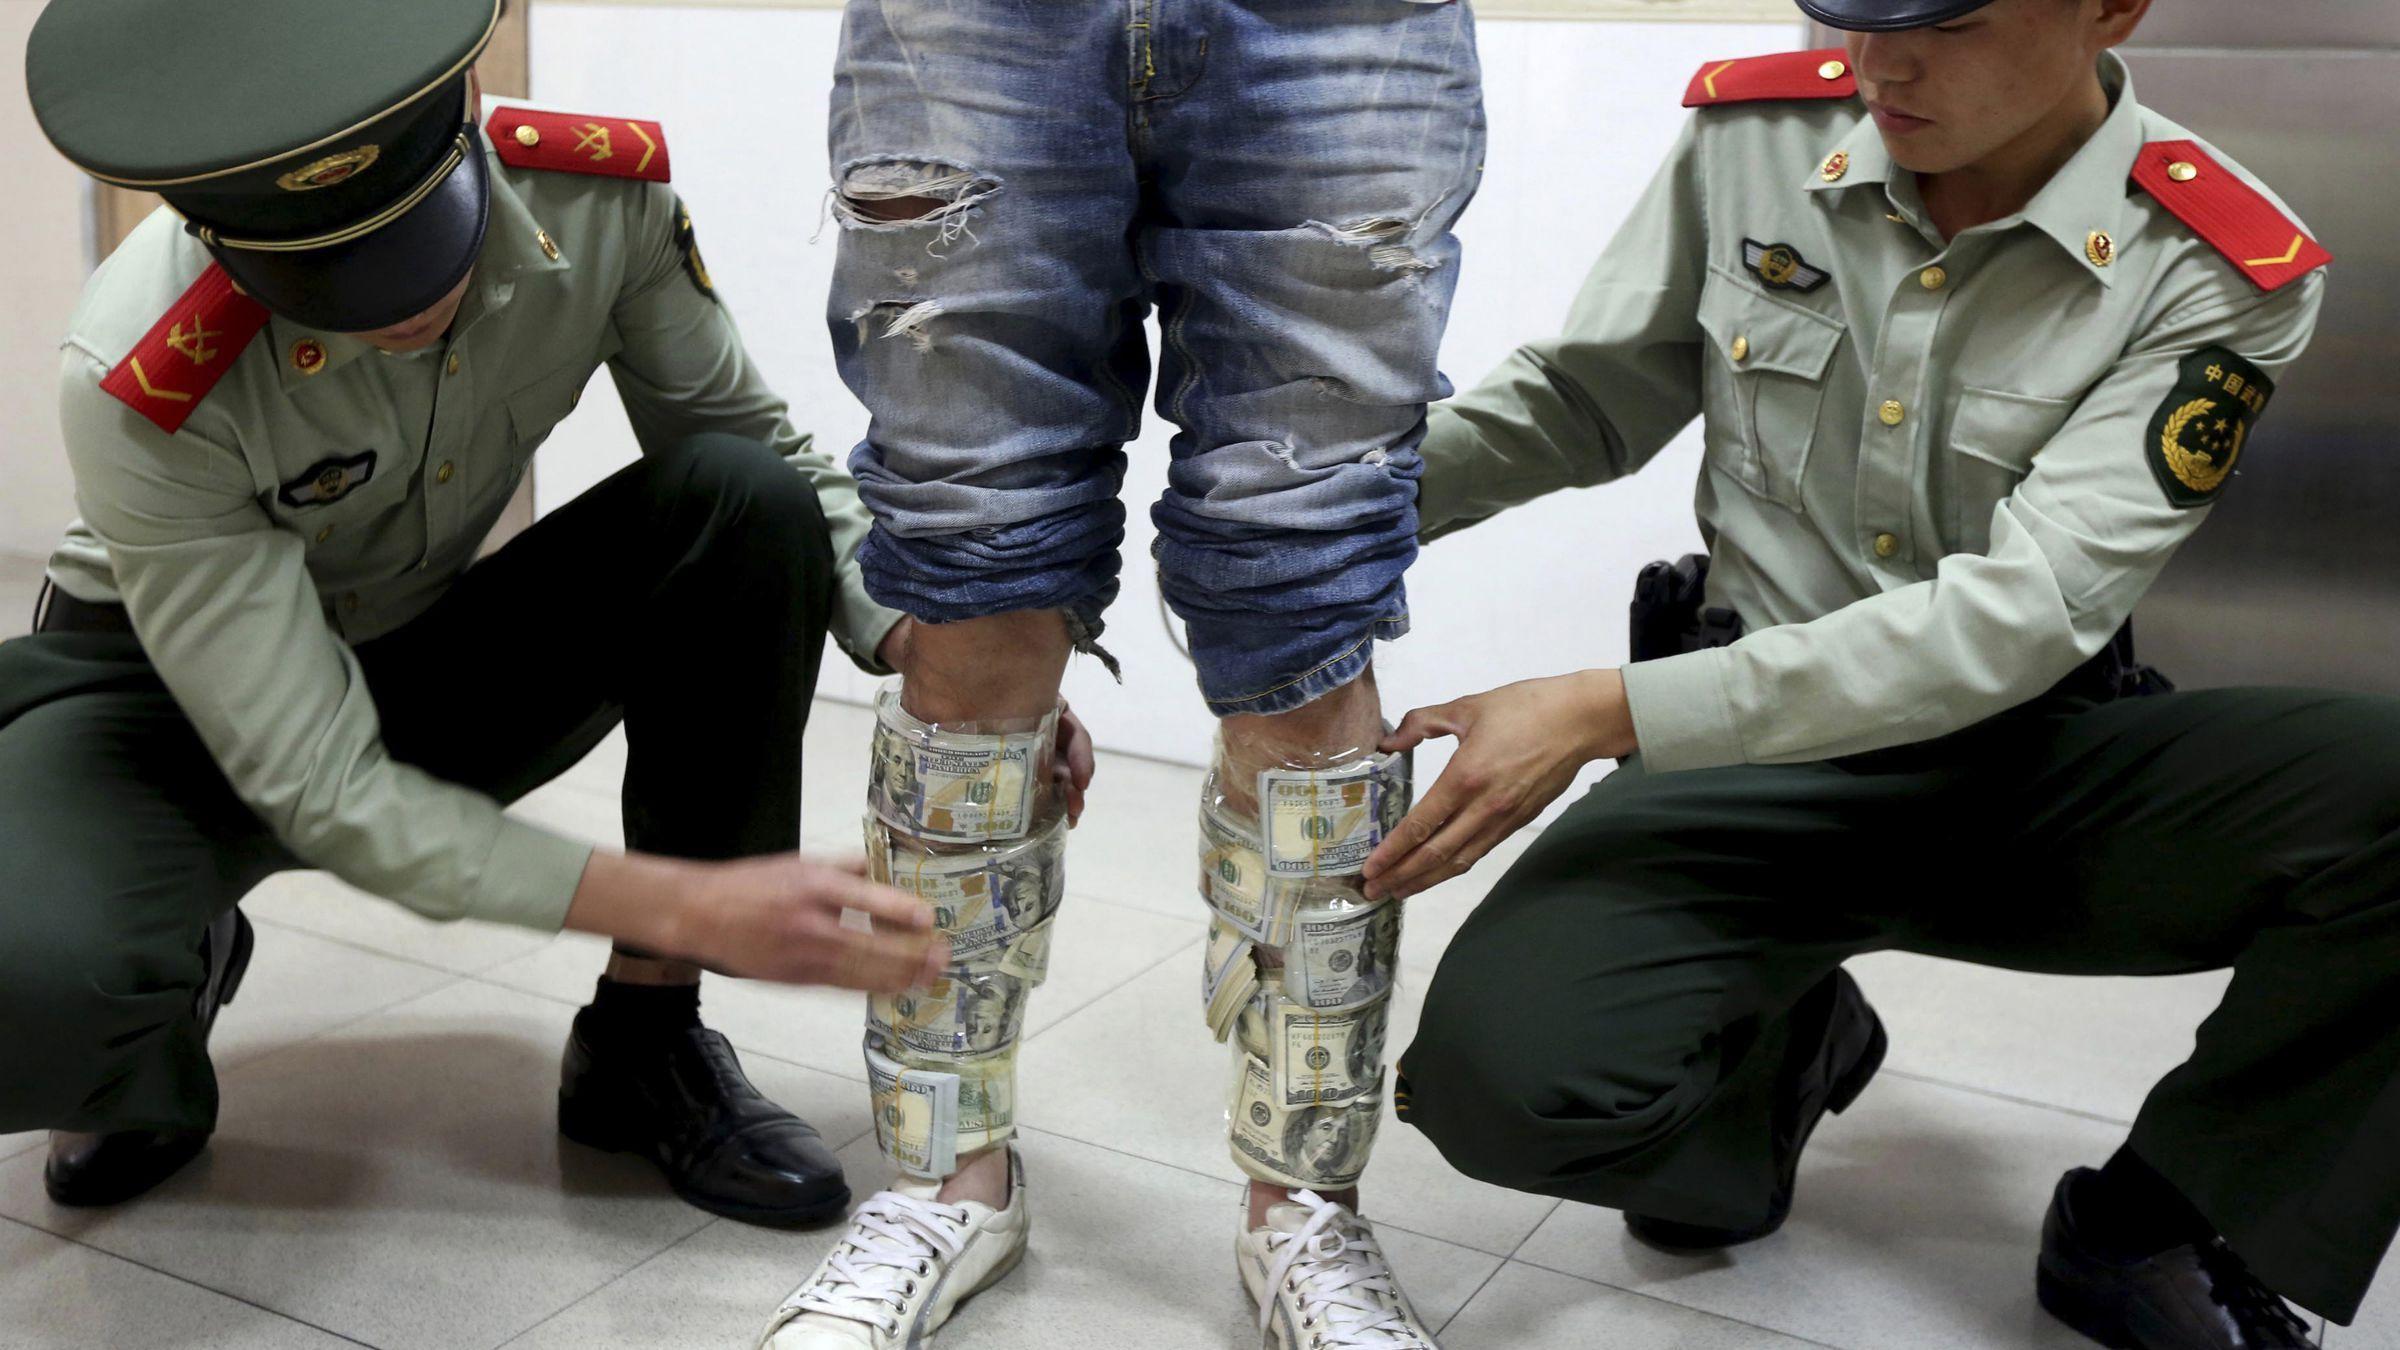 سفر برای بار دوم در سال، با دلار قاچاق یا راهی دیگر؟!